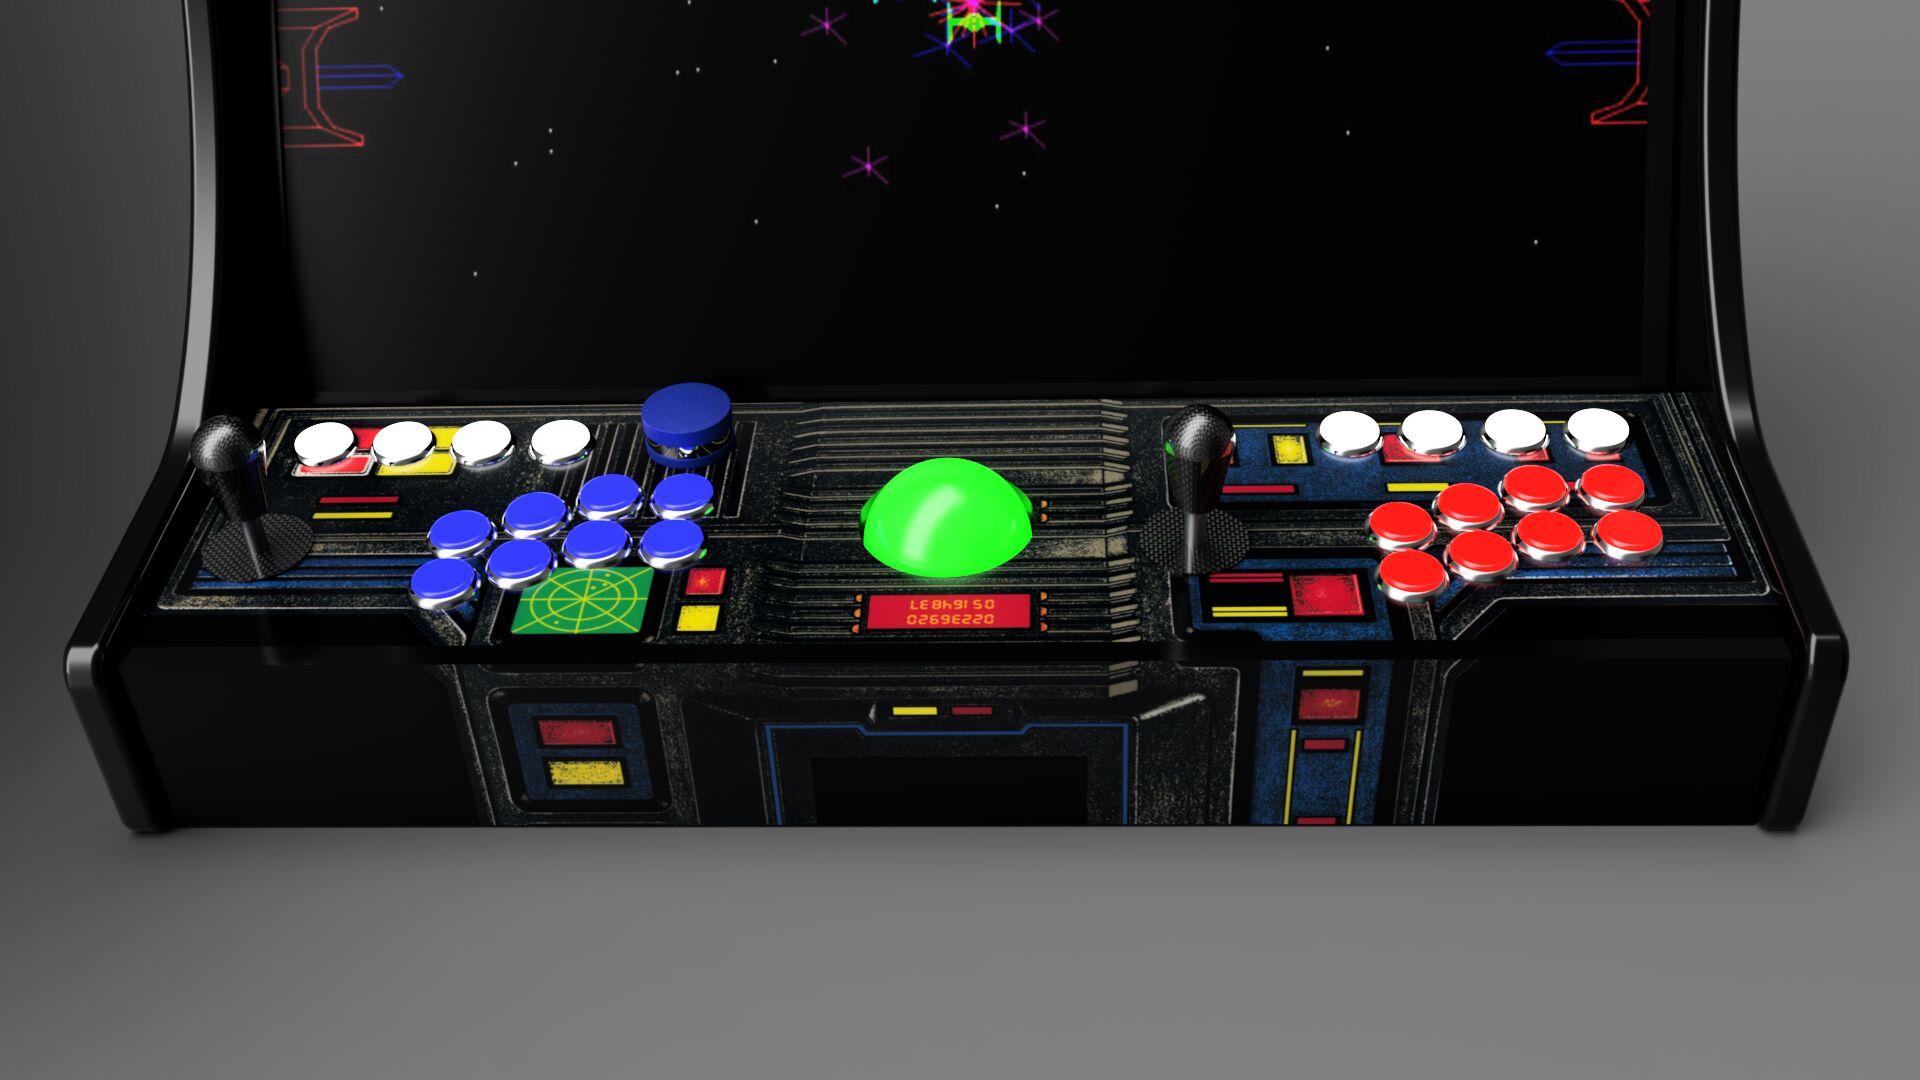 Arcade-render-5-3500-3500